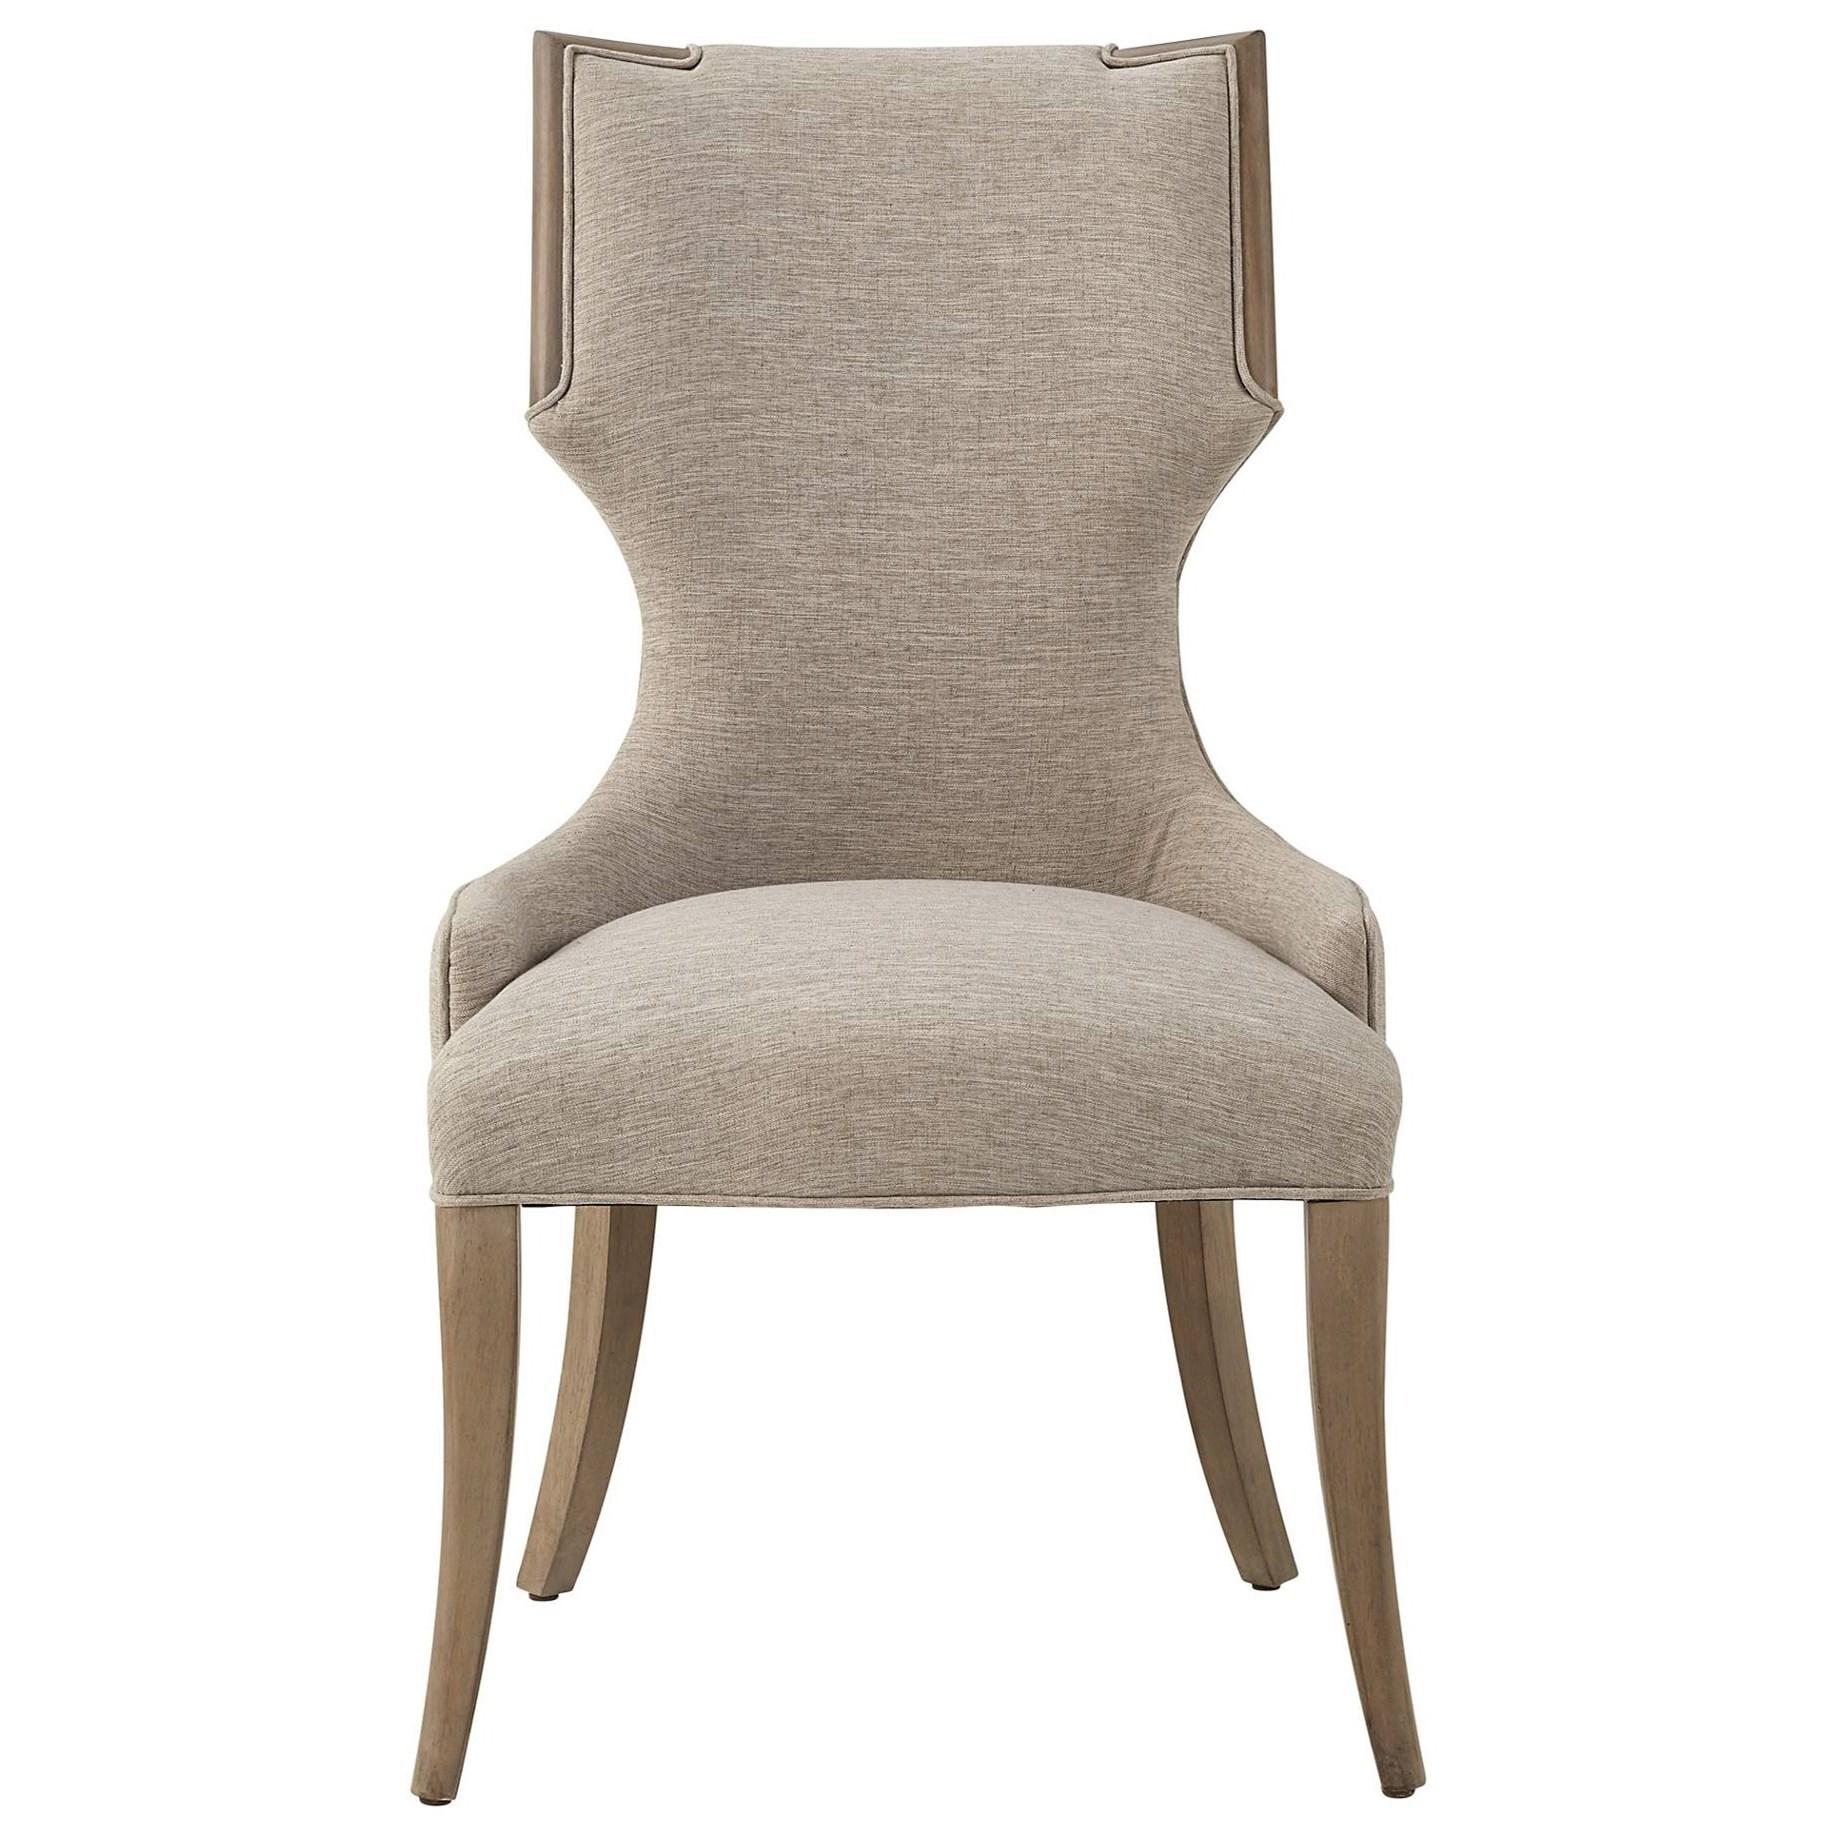 Stanley Furniture Virage 696 61 75 Host Chair Dunk